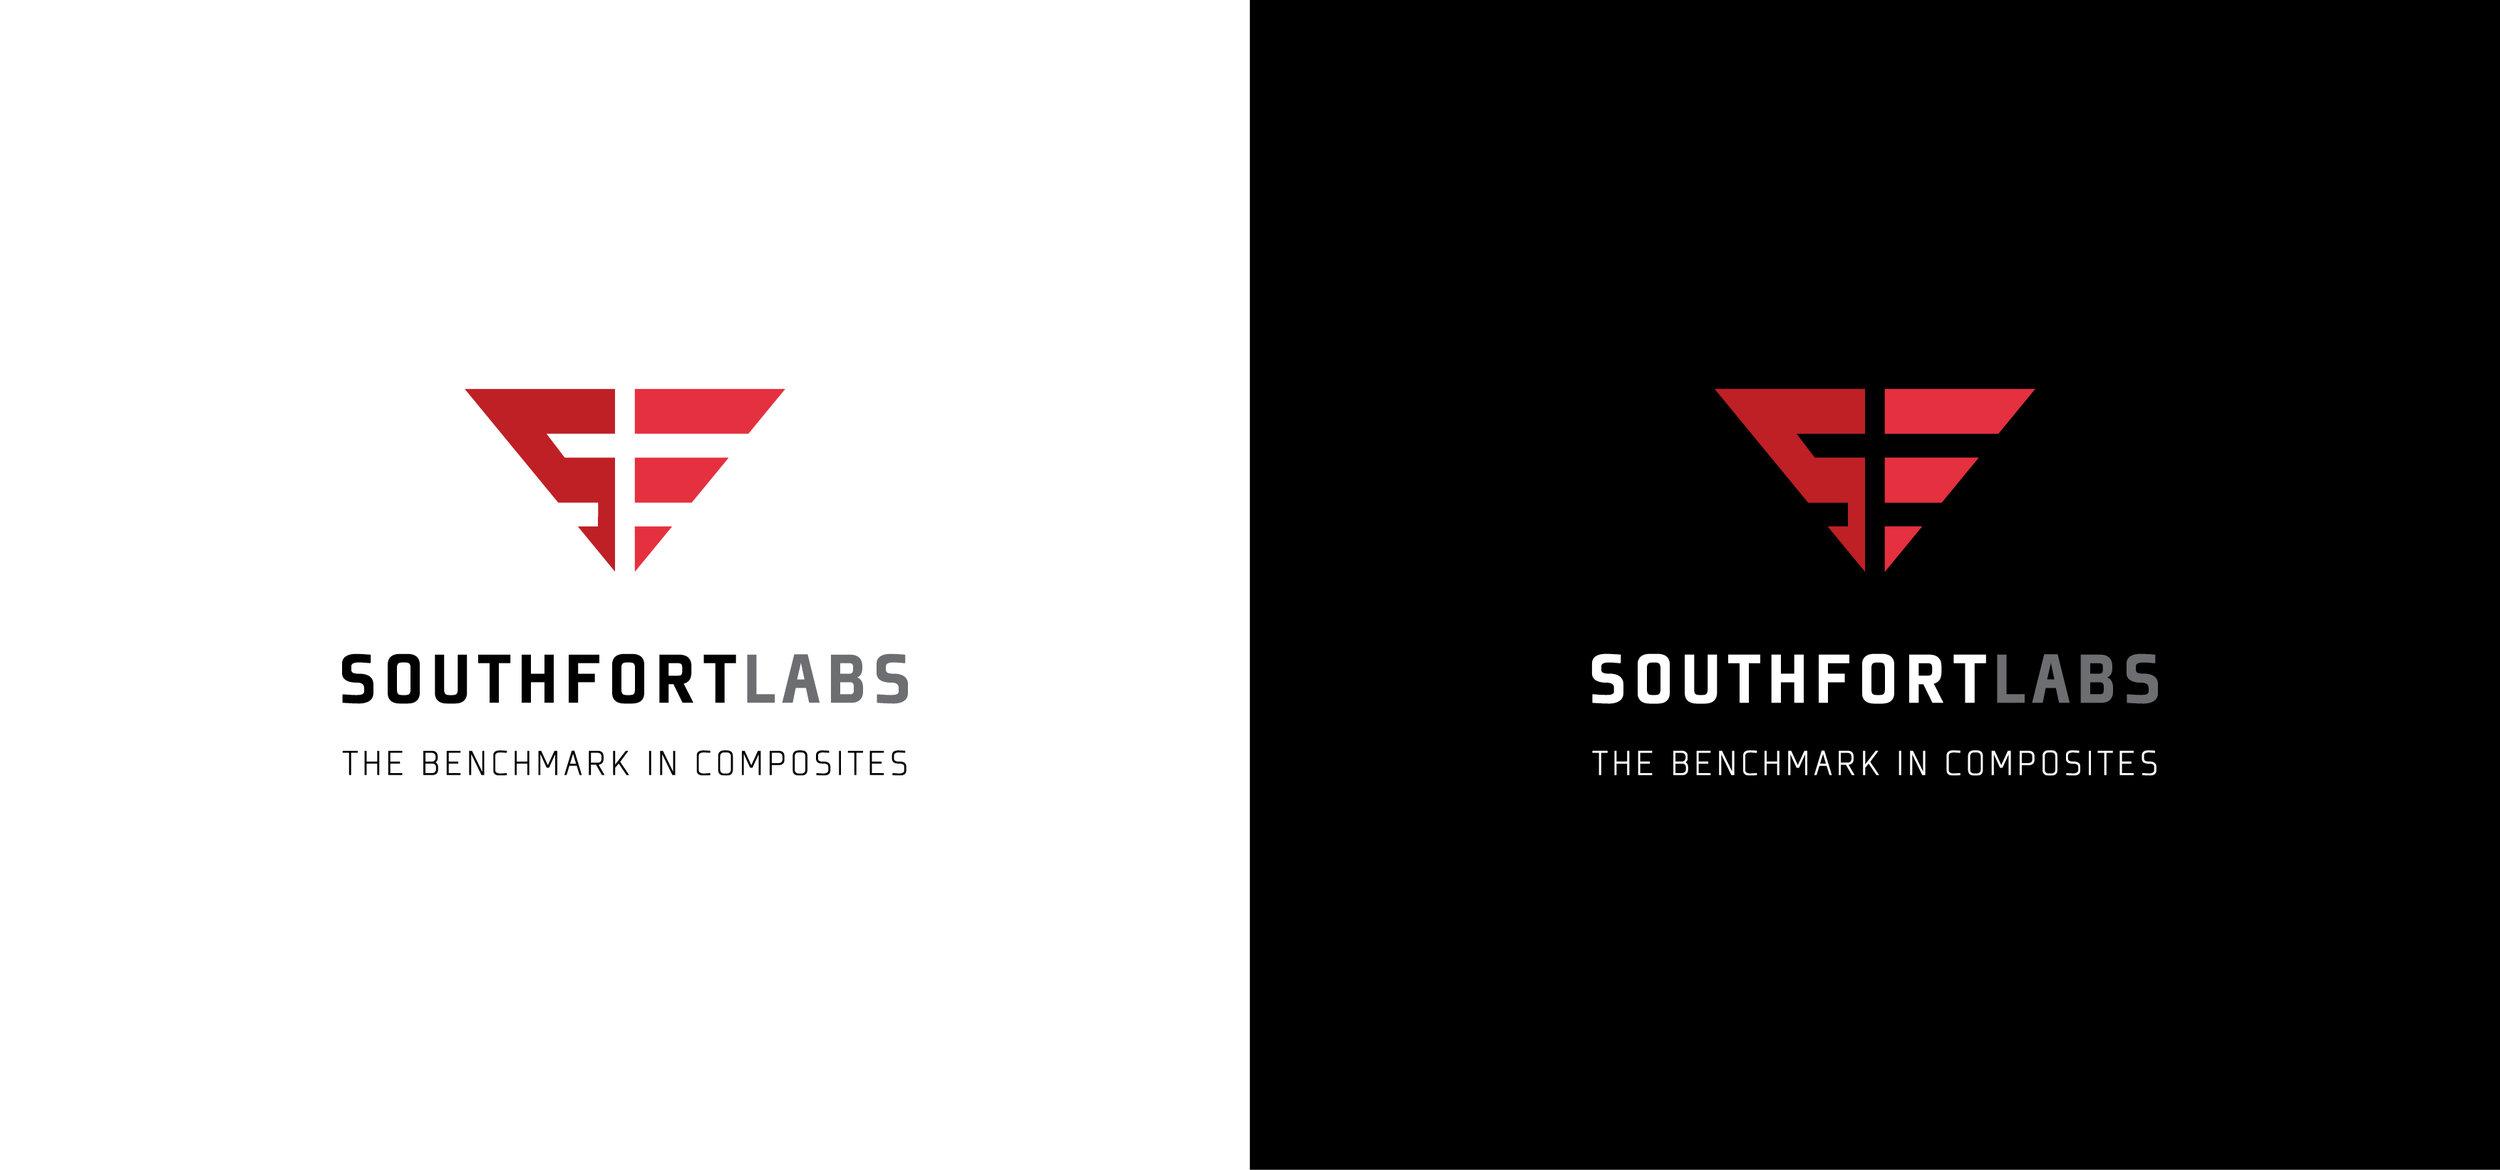 Commercial Interiors | Branding | Website design - Southfort Labs